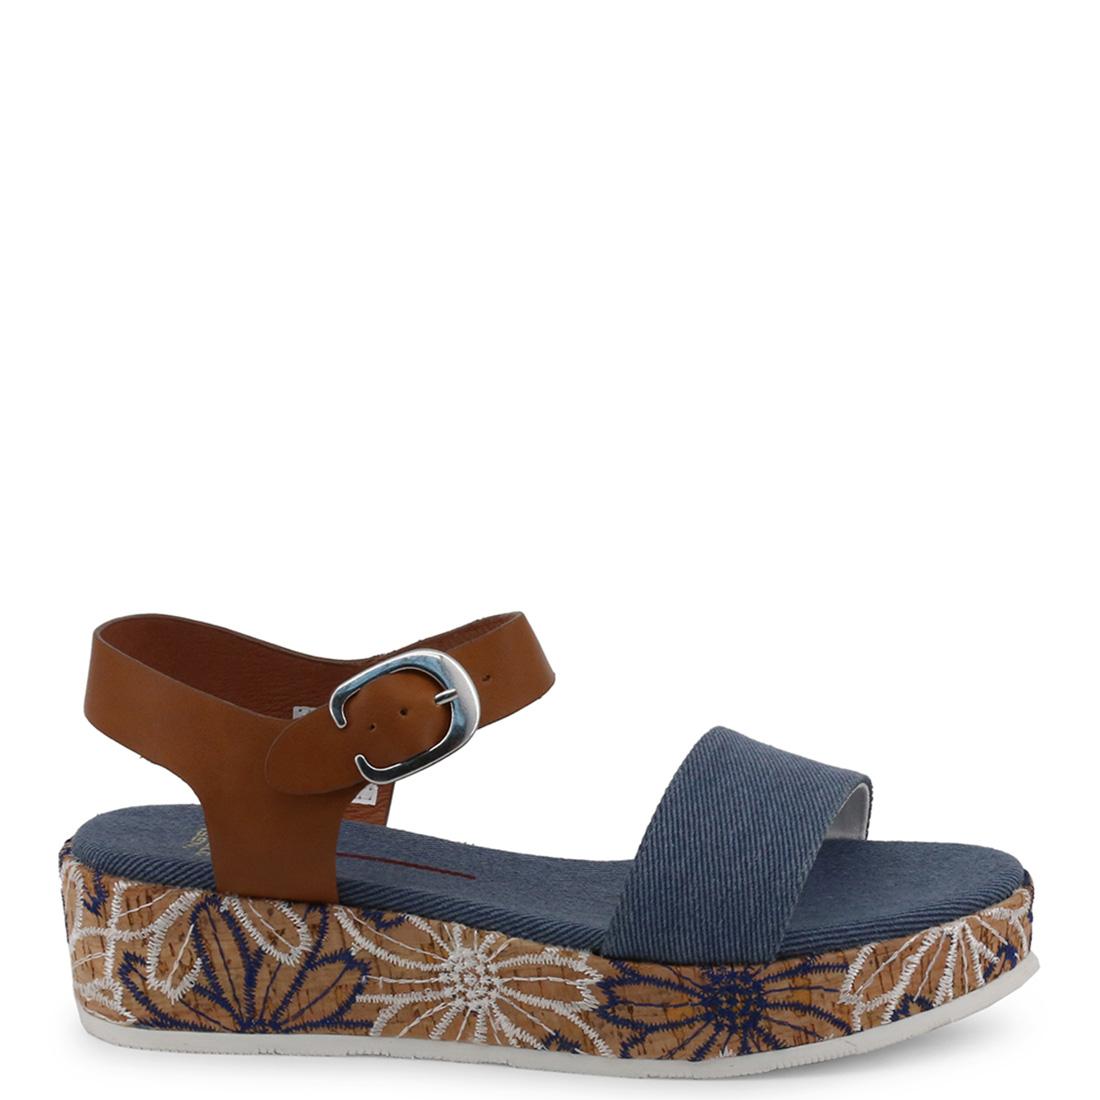 5cm Sandalia plataforma mujer - azul